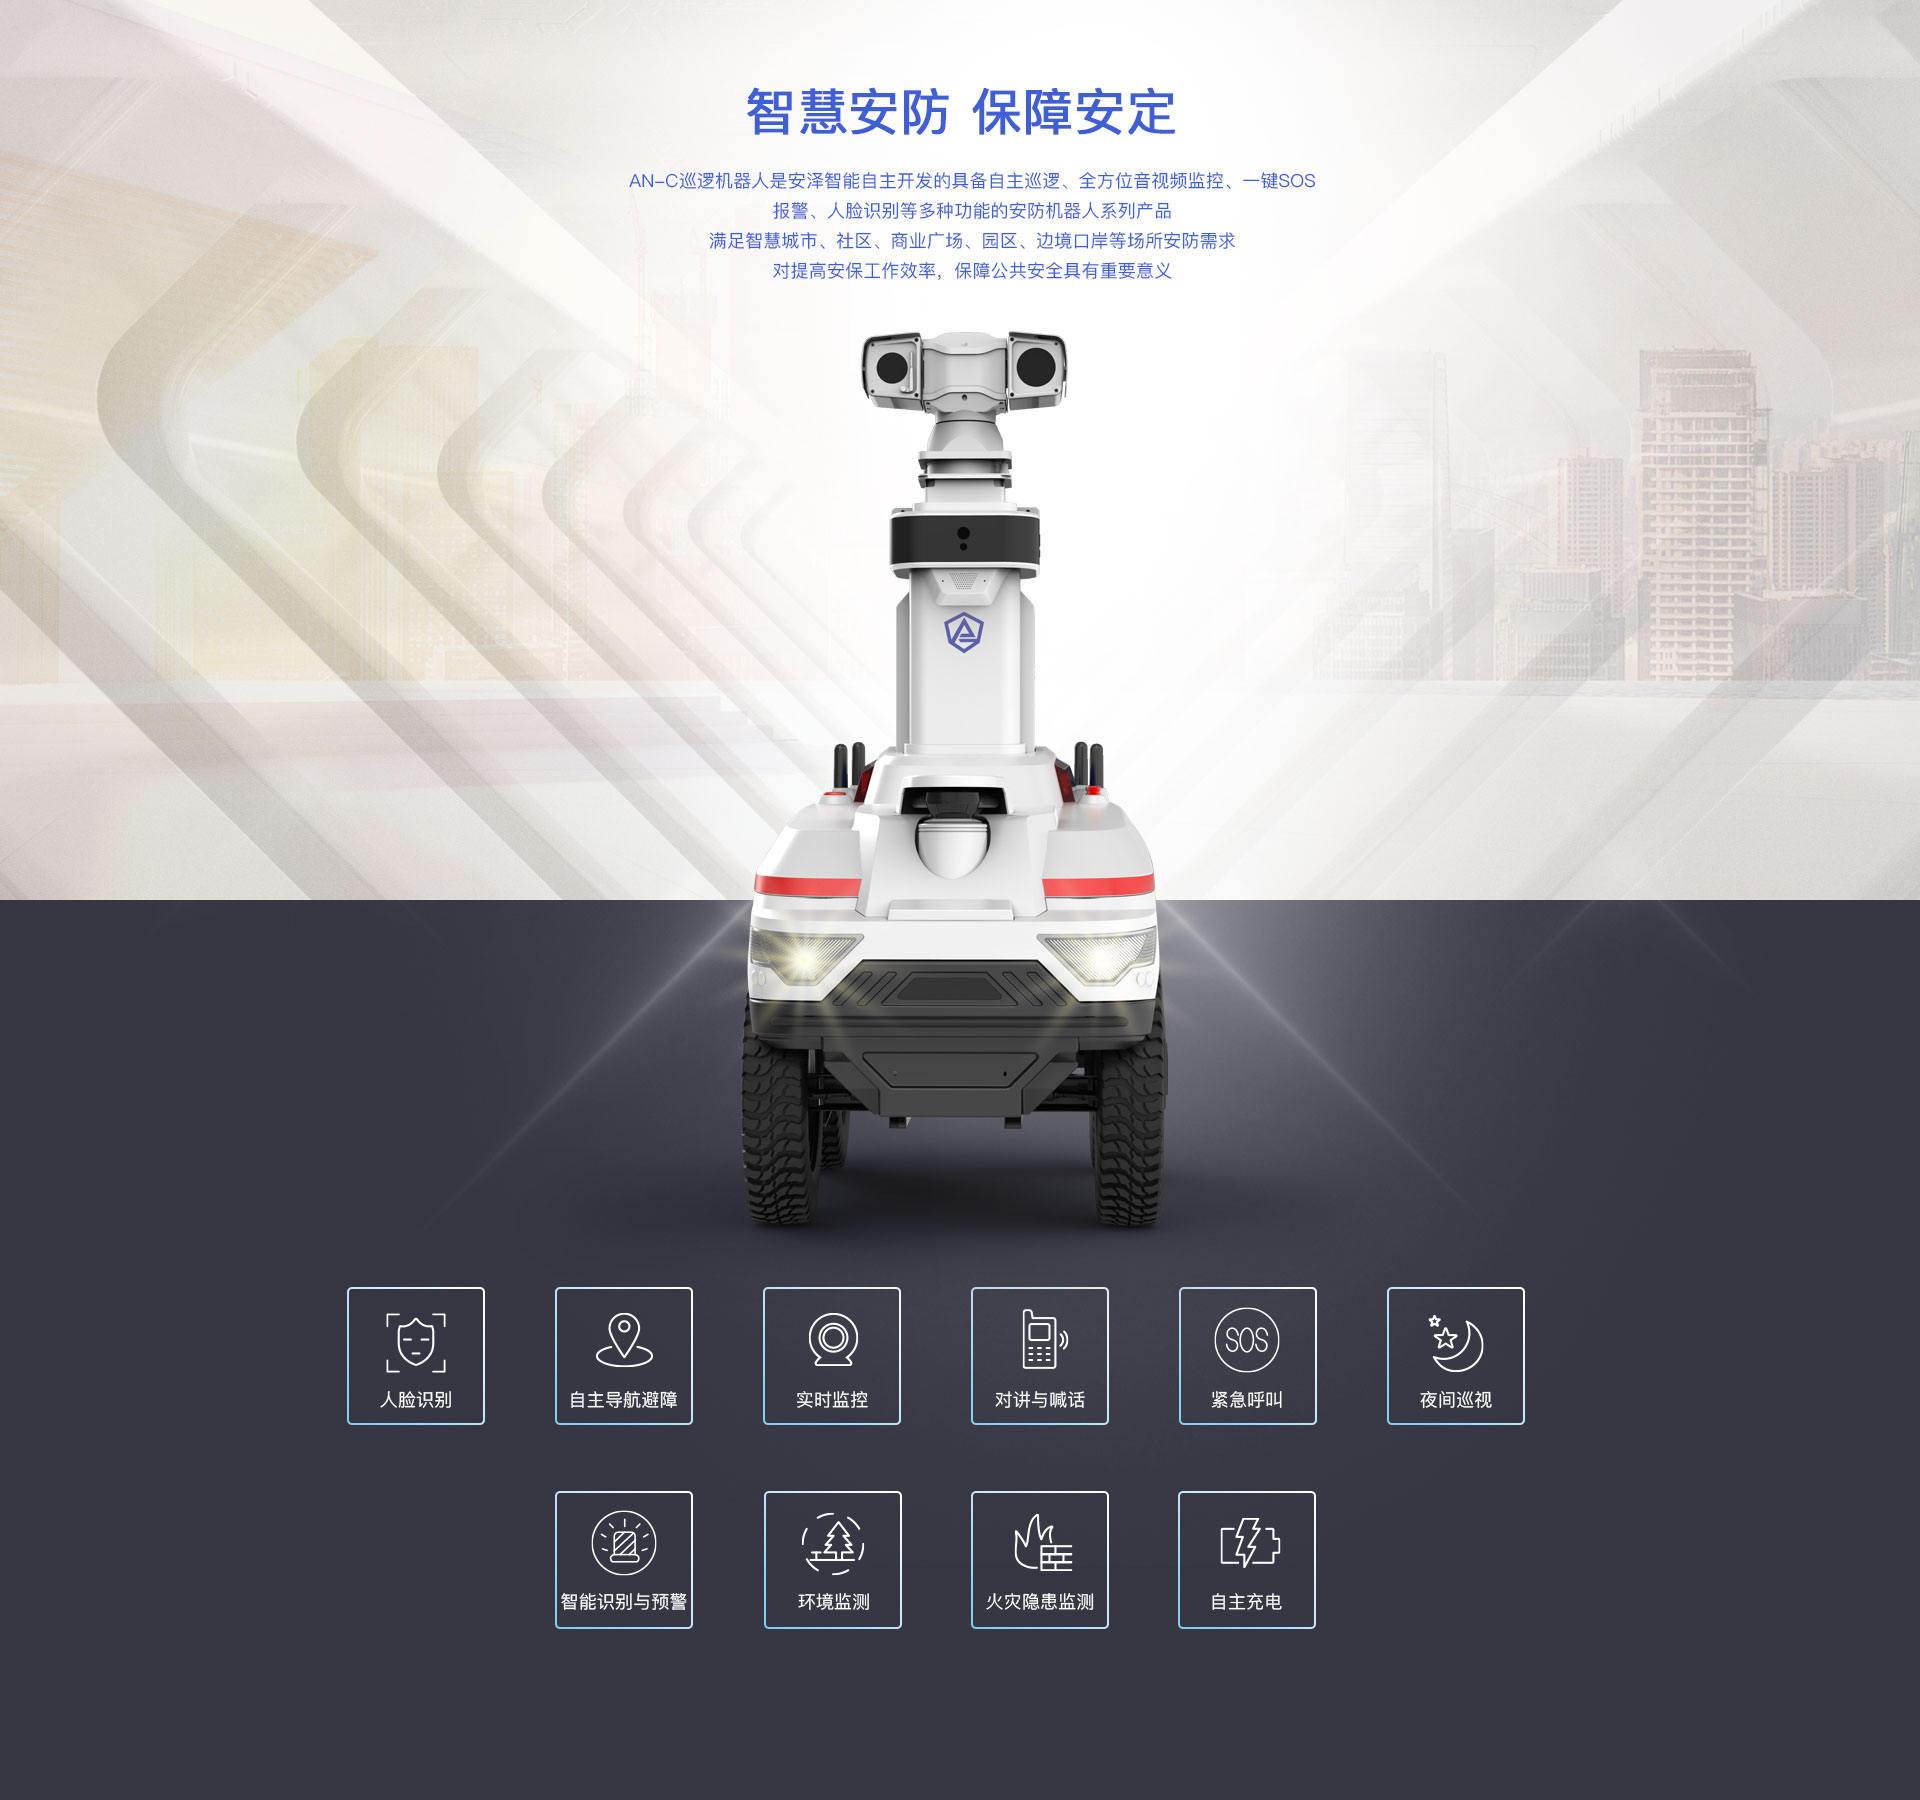 巡逻机器人AN-C